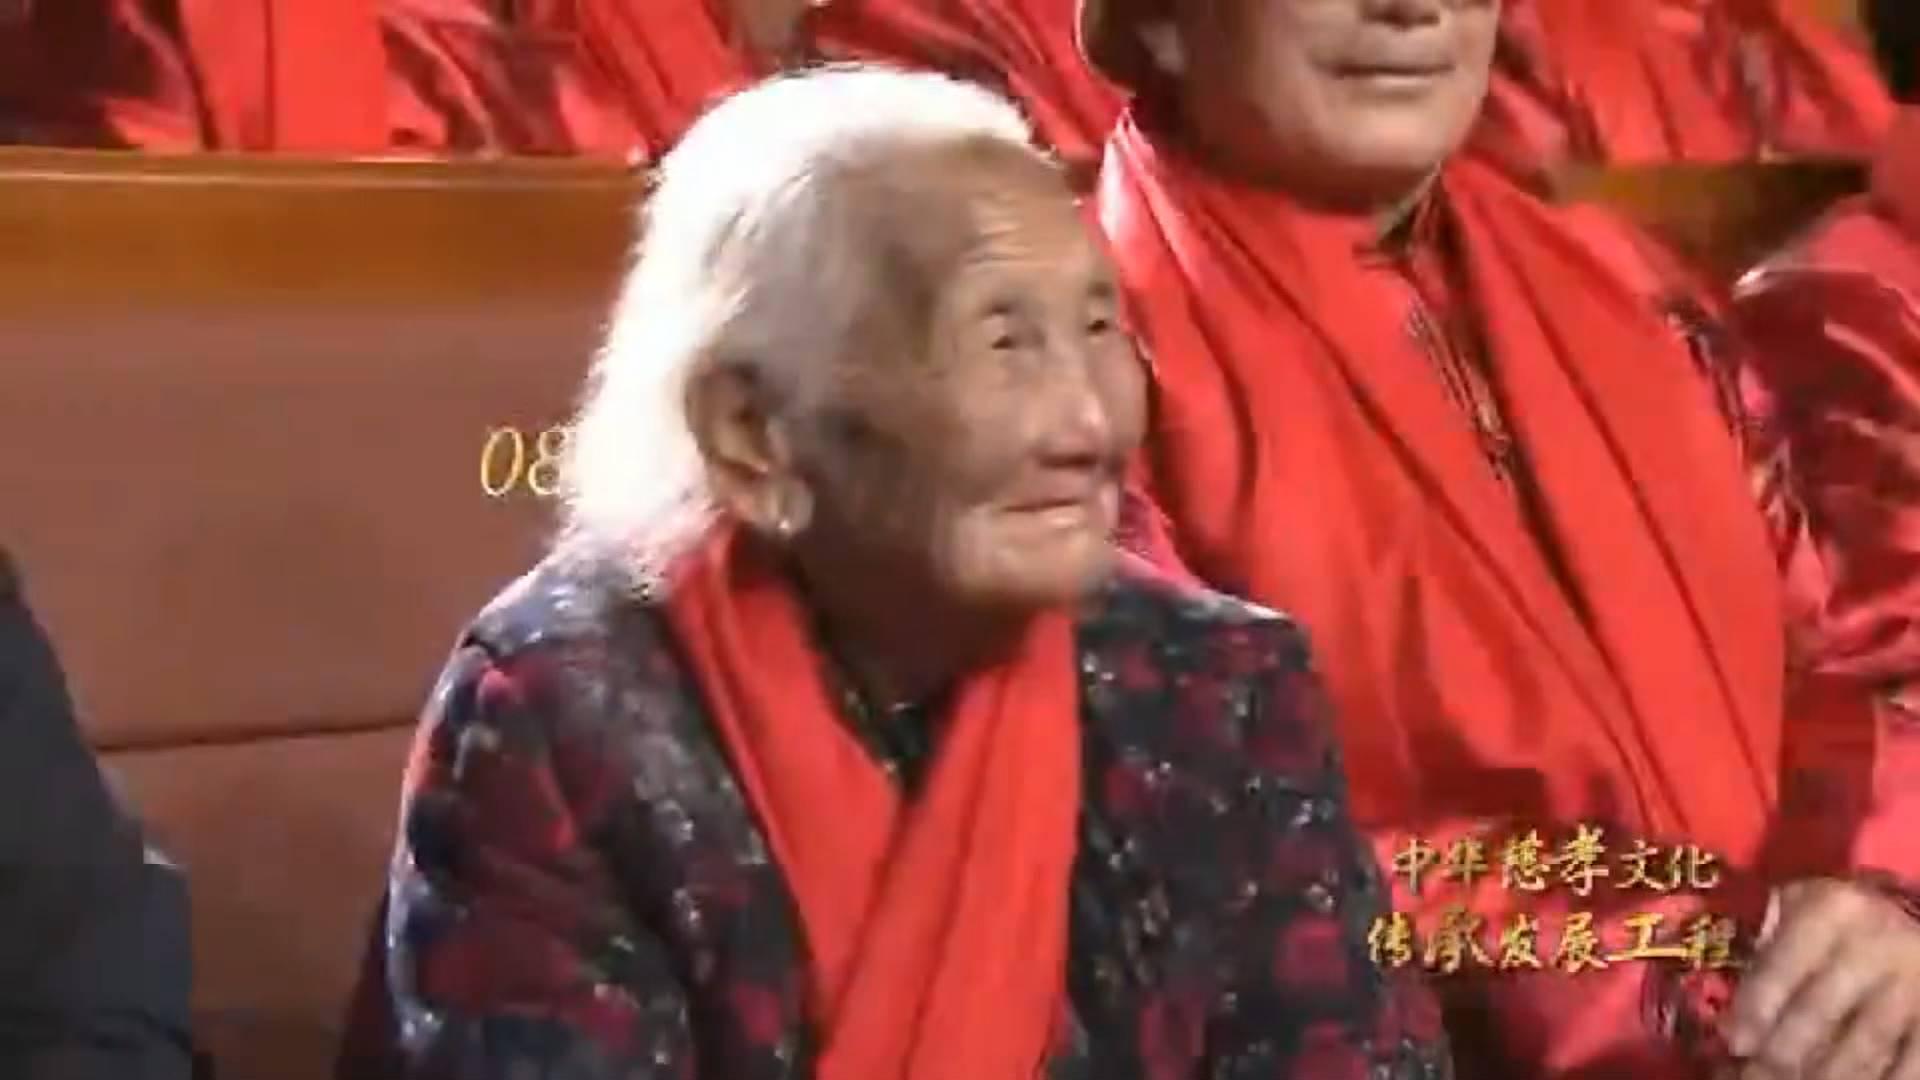 送别沂蒙红嫂张淑贞 44秒回顾老人生前最后影像